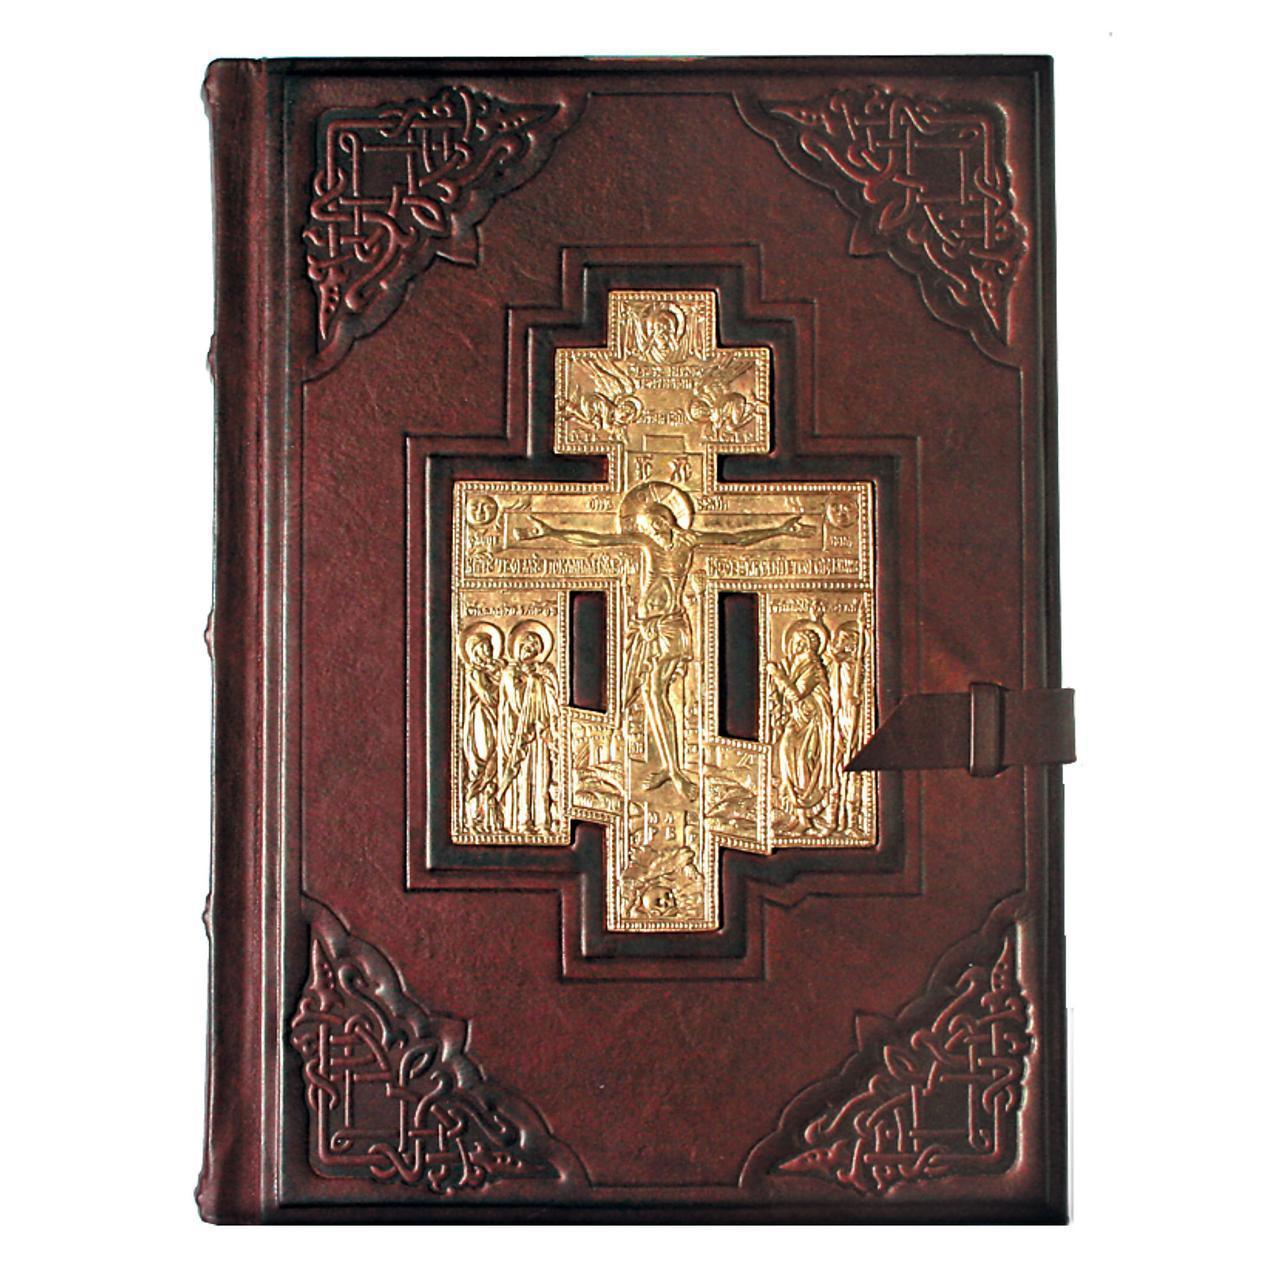 Библия большая в кожаном переплете украшена художественным тиснением и литьем на церковно-славянском языке